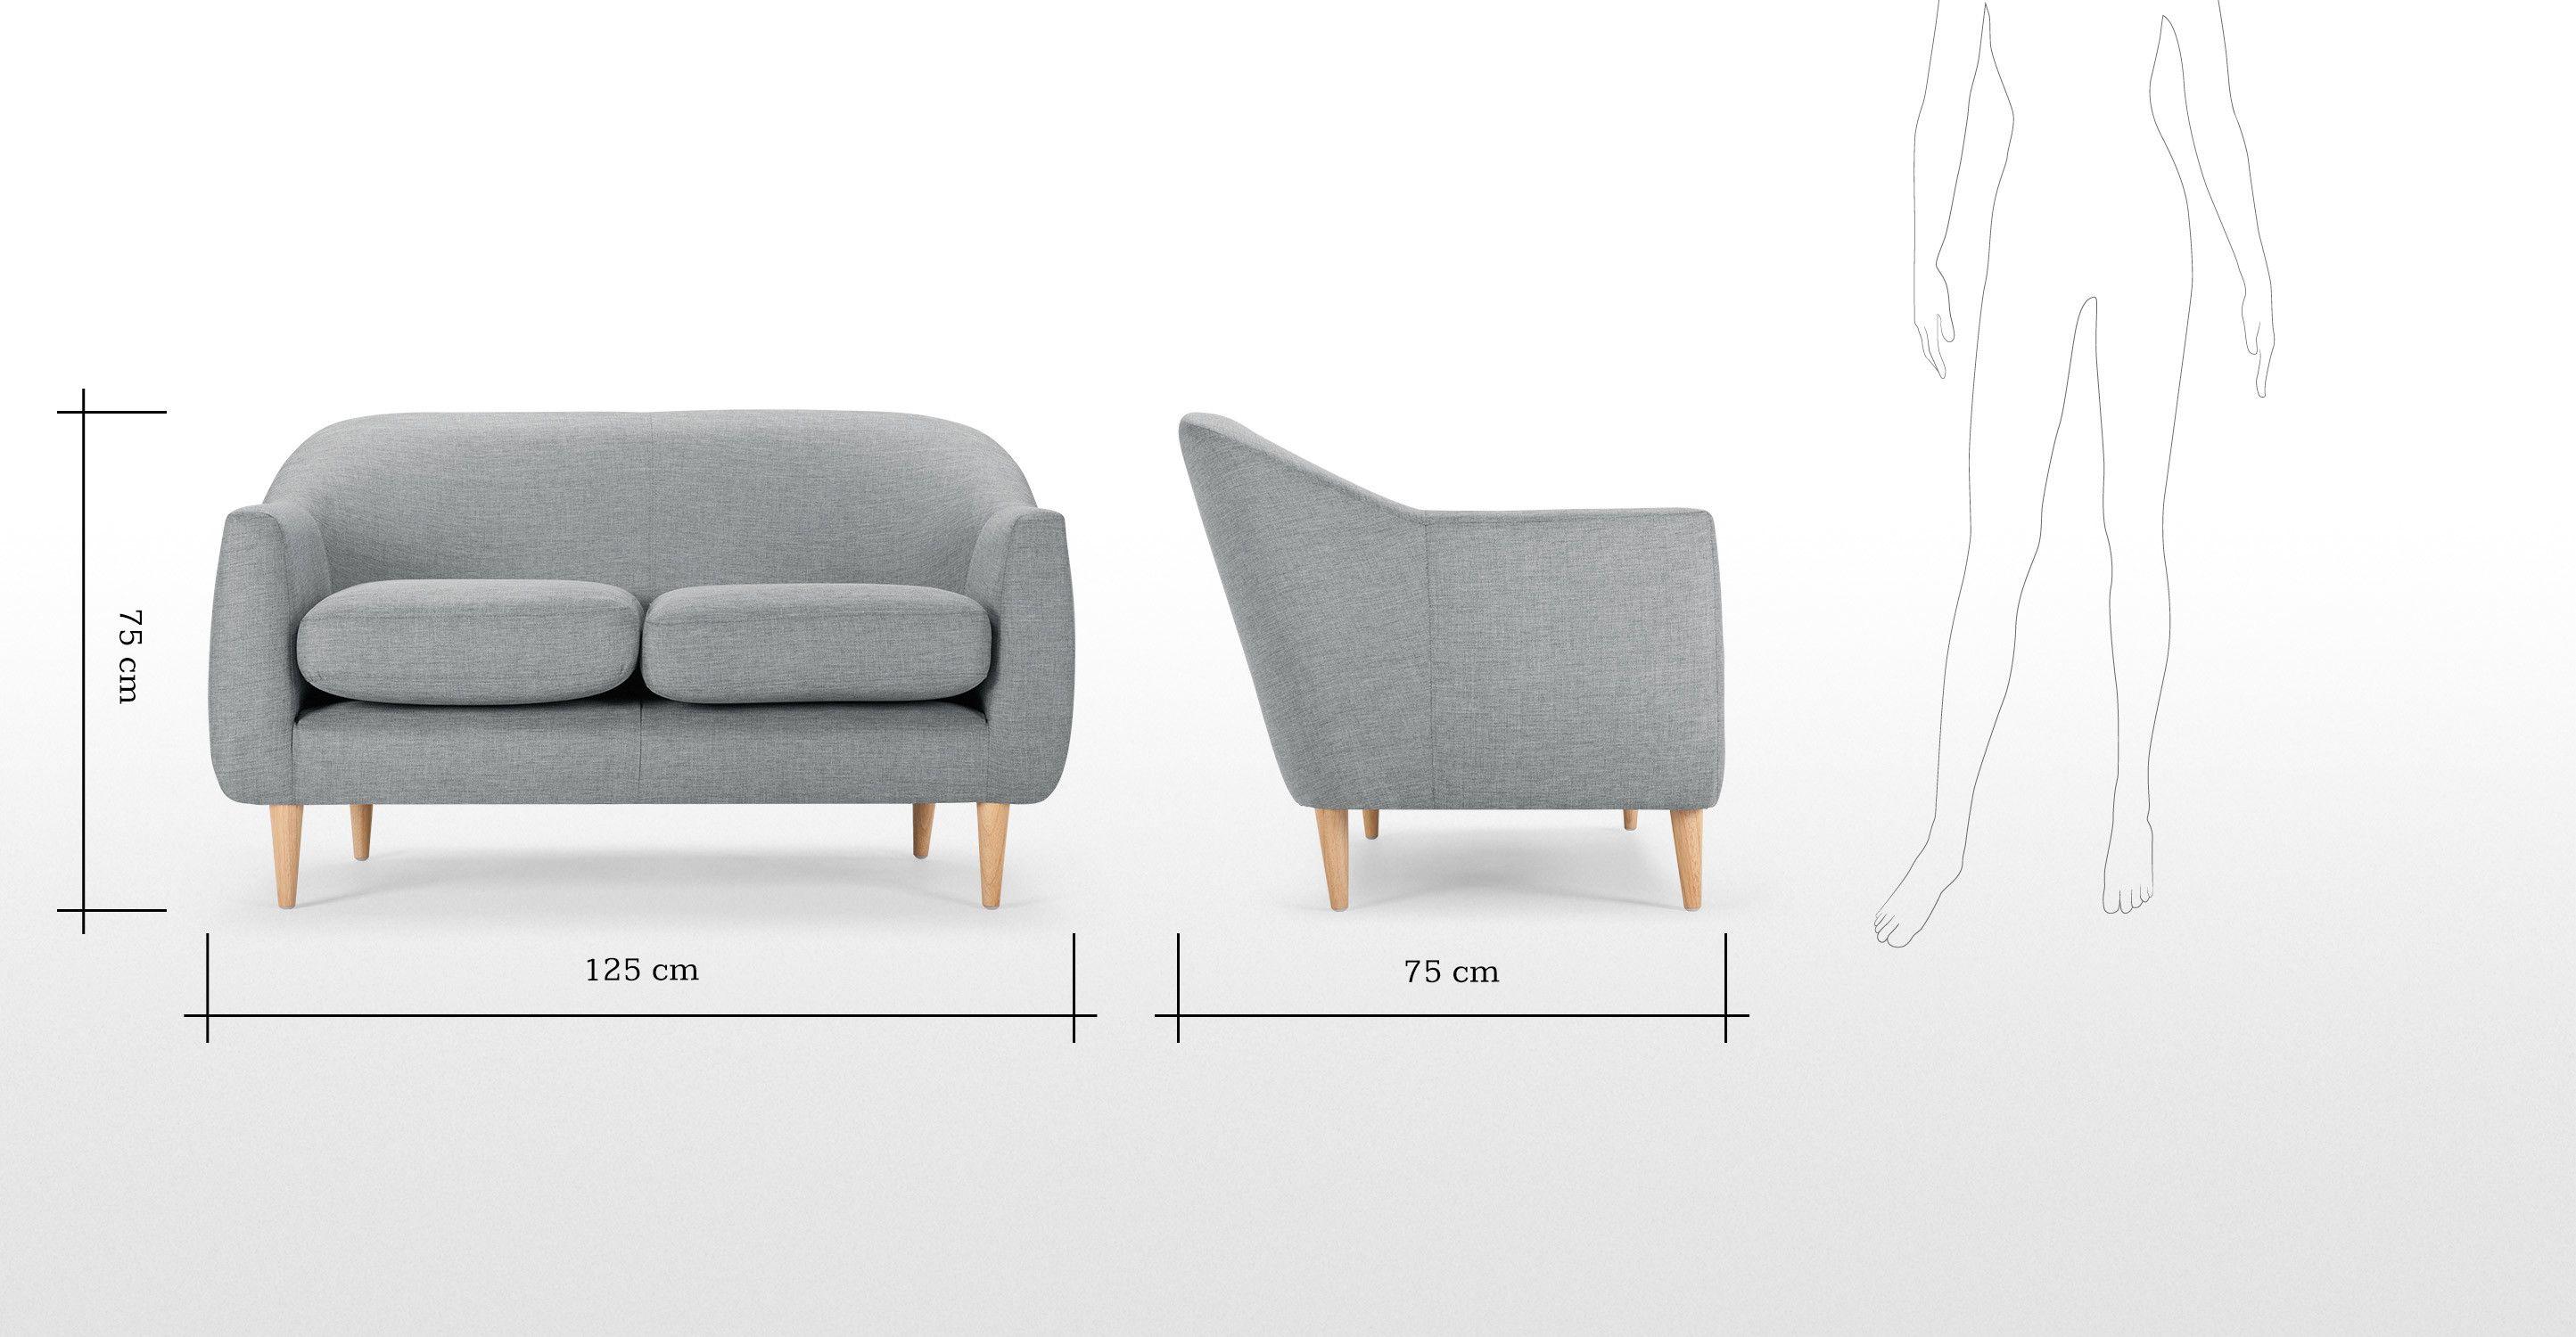 Tubby 2 Seater Sofa Koala Grey Made Com Sofa Design 2 Seater Sofa Sofa Online